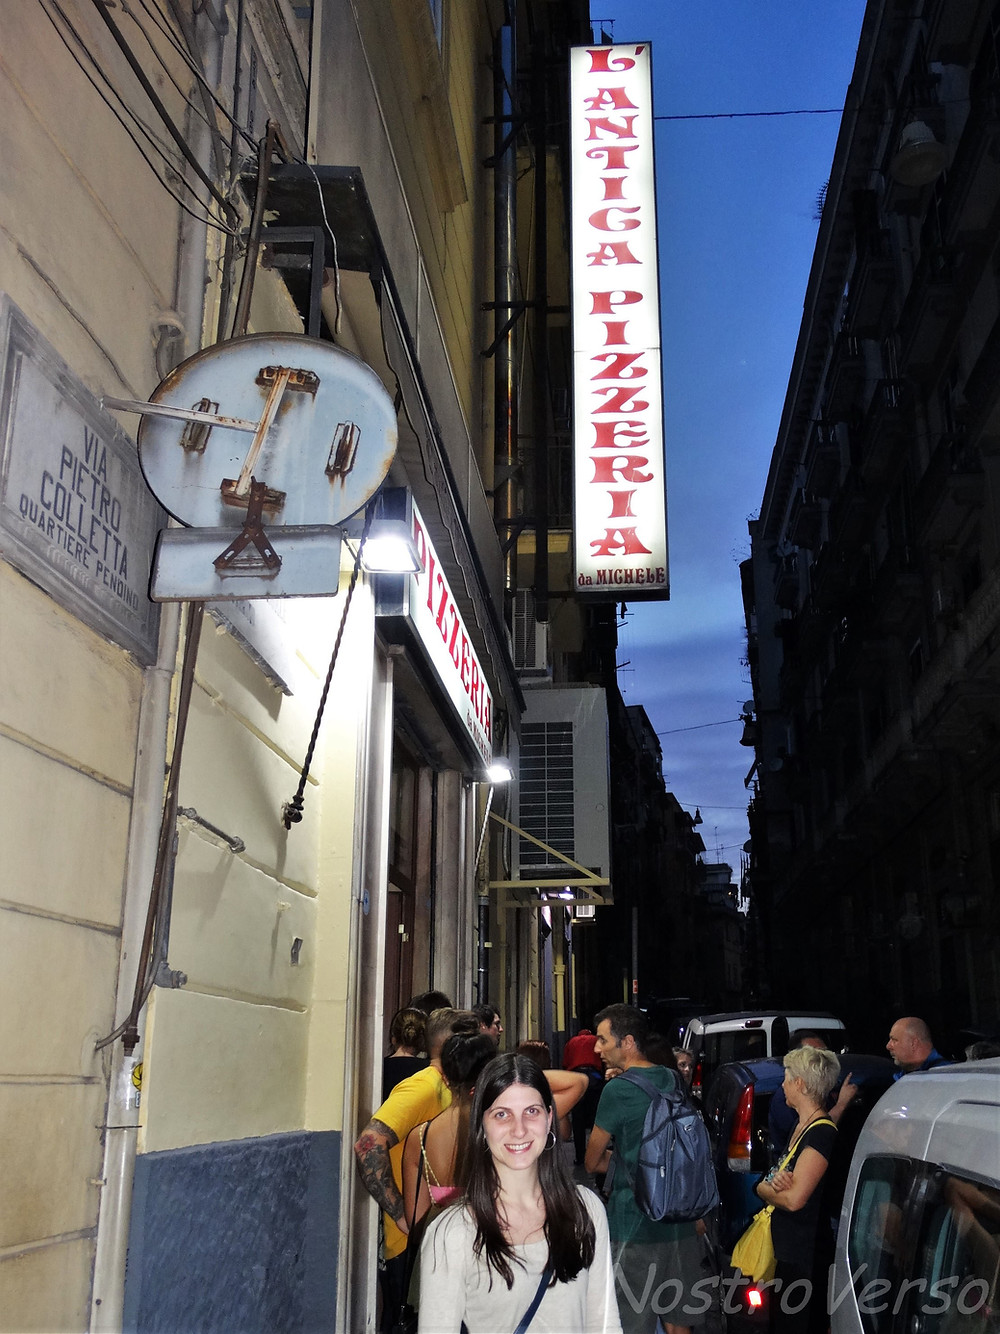 L'Antica Pizzeria Da Michele - Napoli